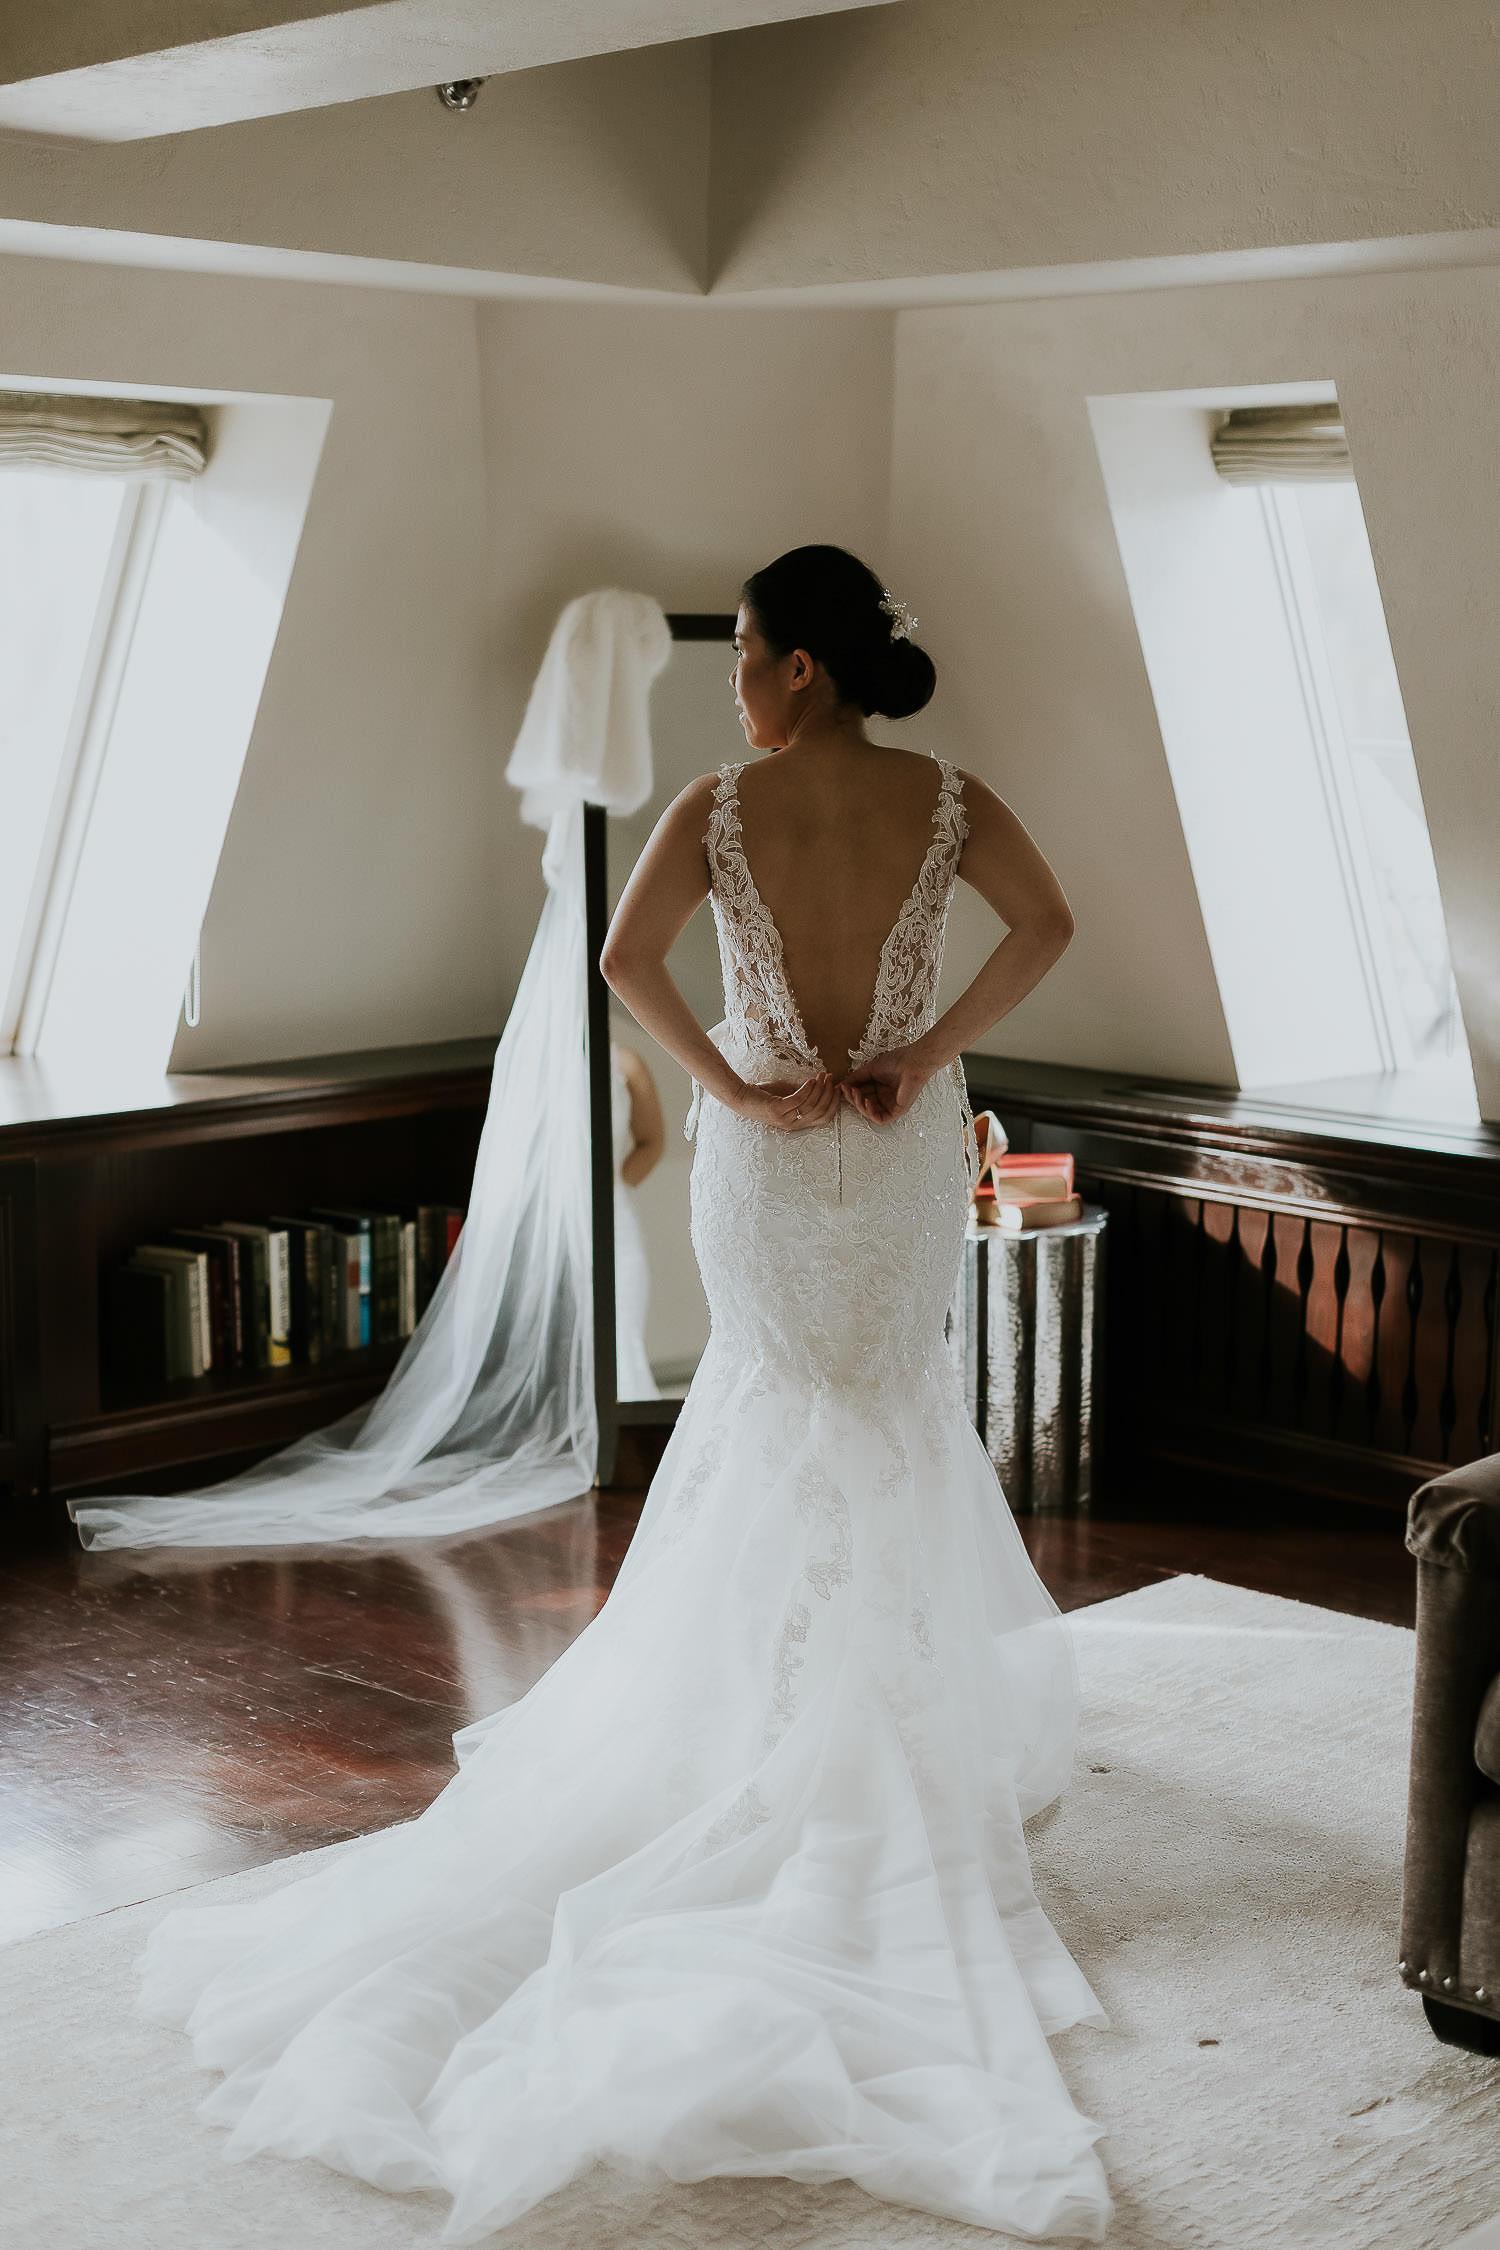 intimate-wedding-at-banff-springs-hotel-sarah-pukin-0030